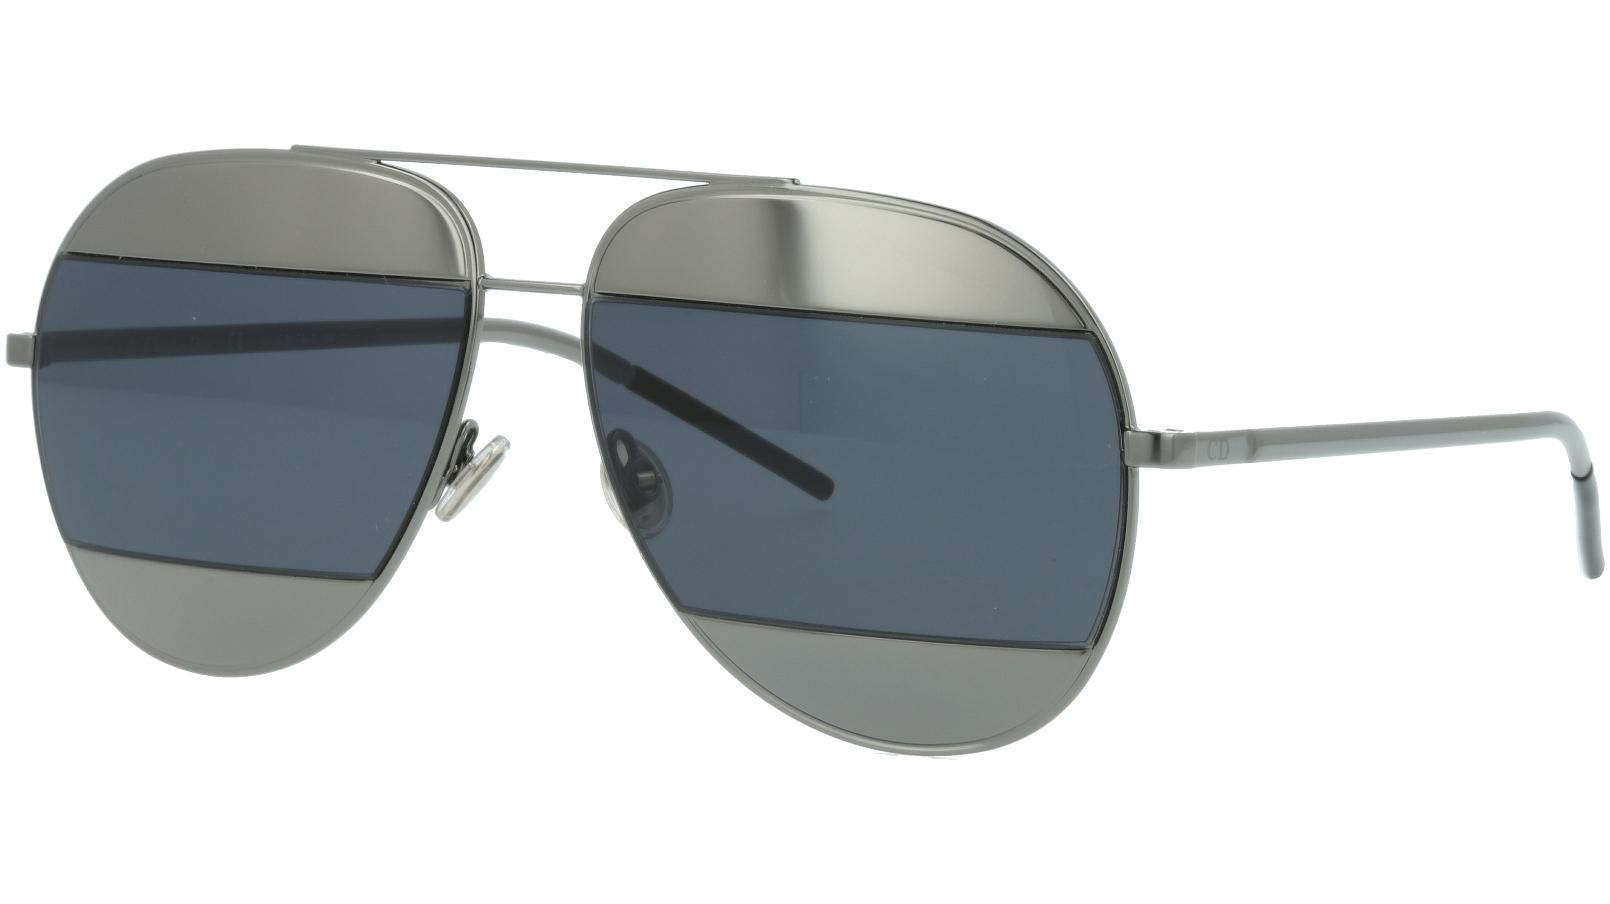 DIOR DIORSPLIT1 KJ1IR 59 DARK Sunglasses